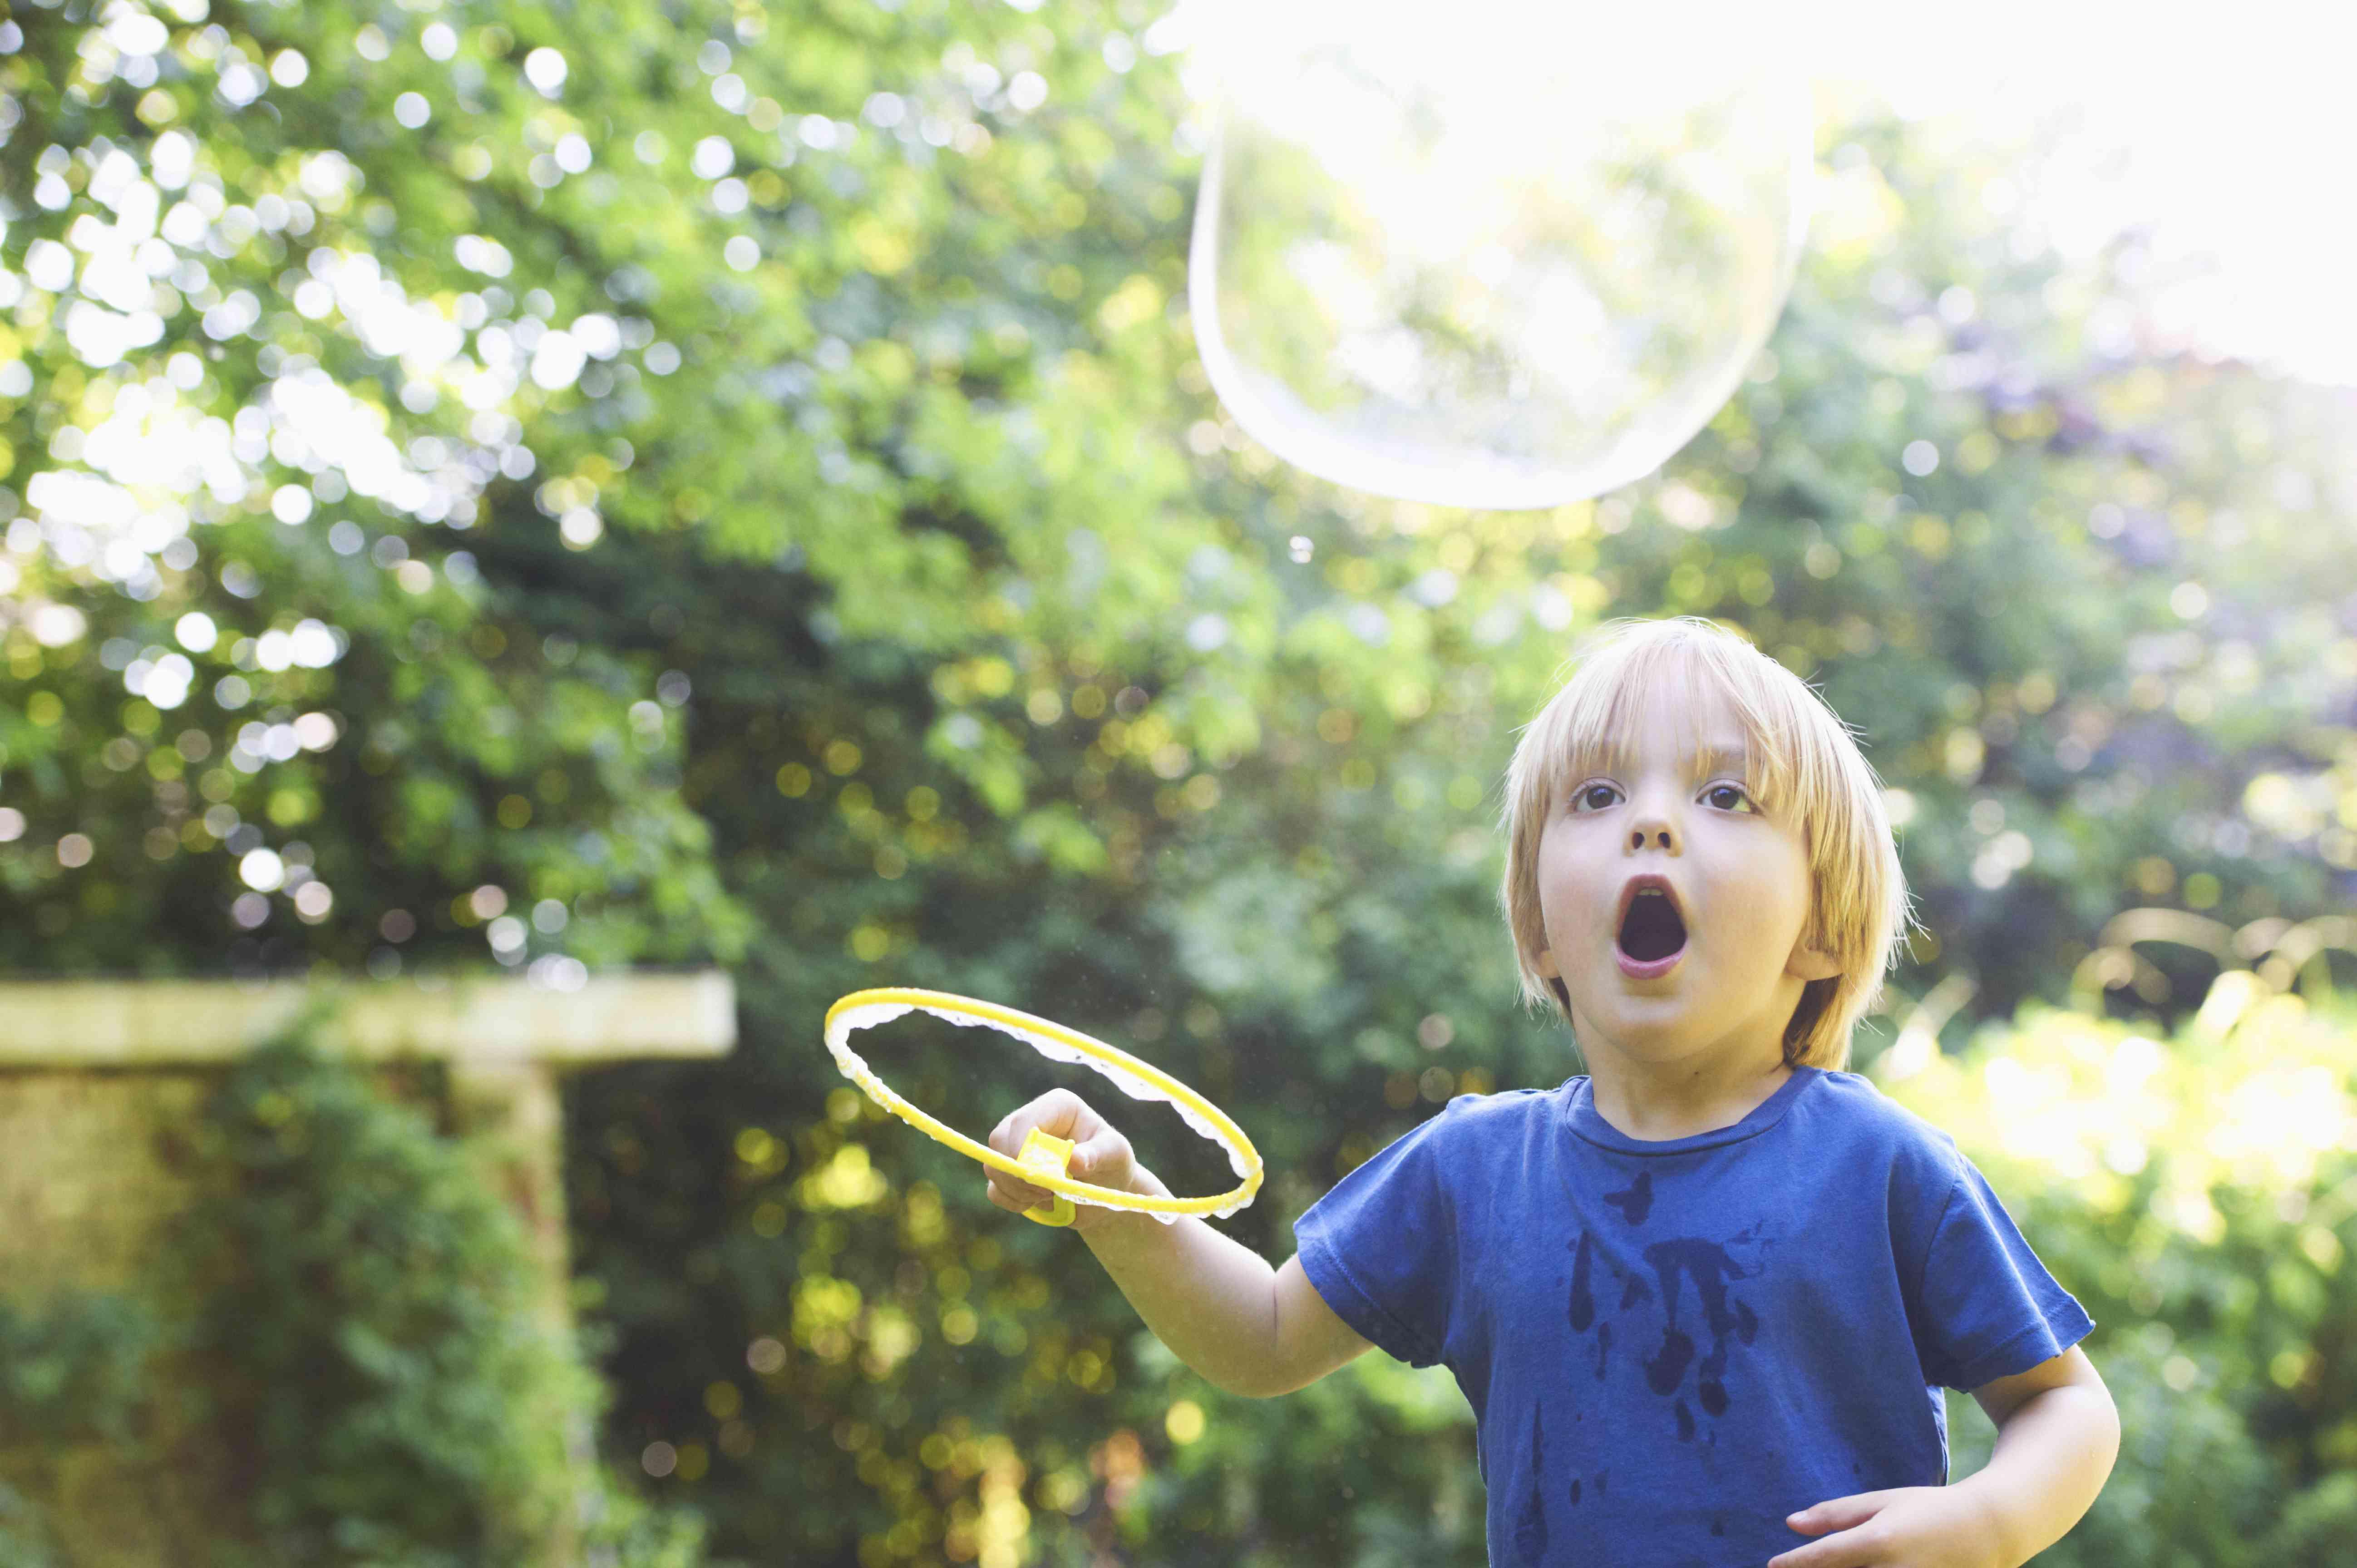 Boy making oversized bubble in backyard